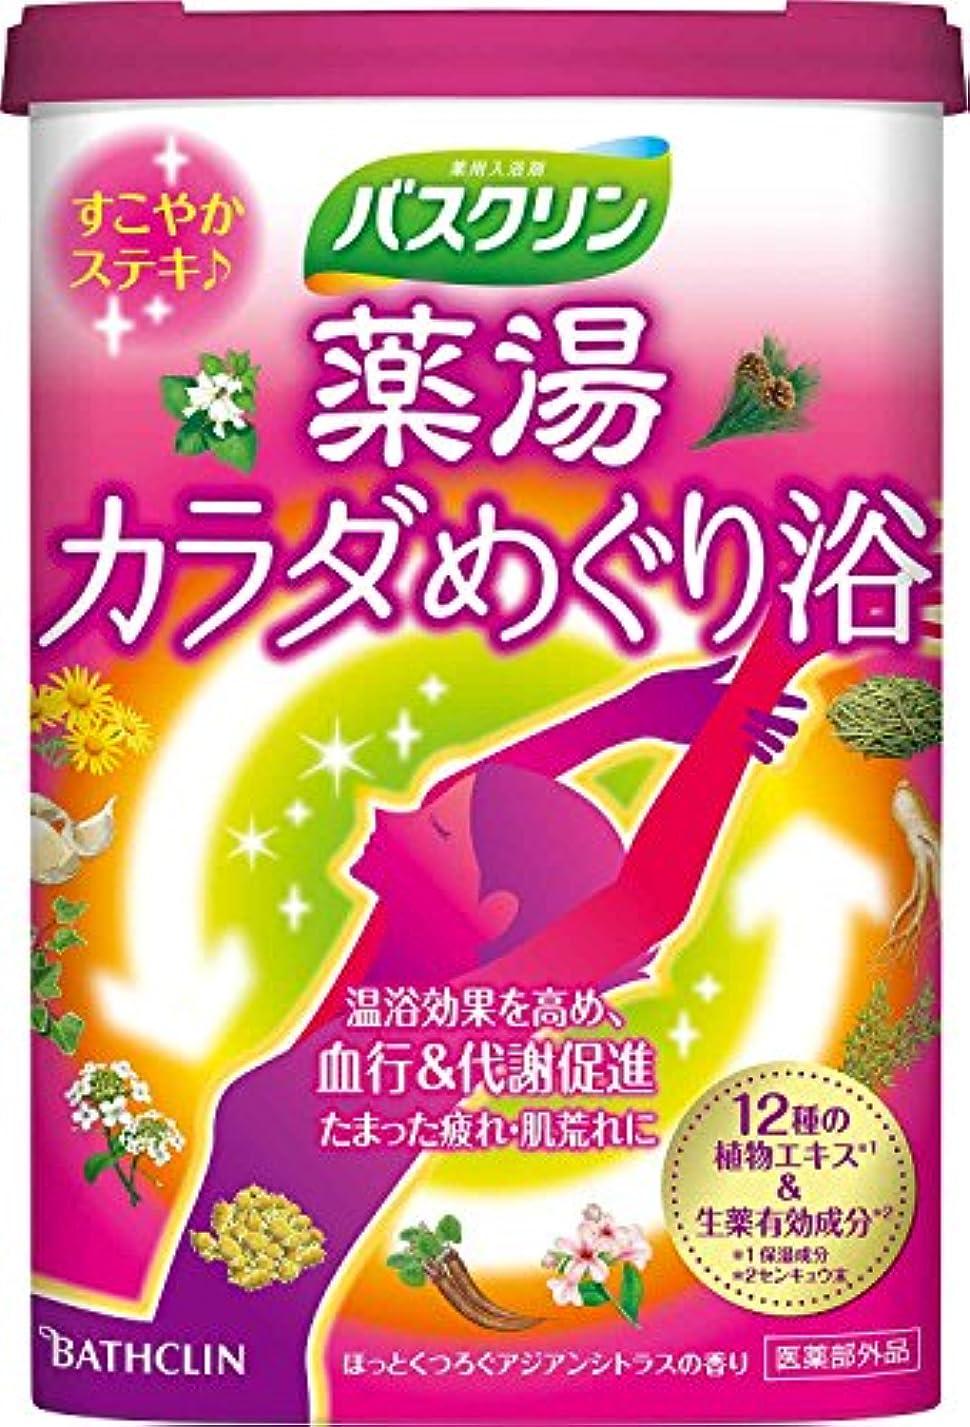 関与するデザイナー処分した【医薬部外品】バスクリン 薬湯カラダめぐり浴600g入浴剤